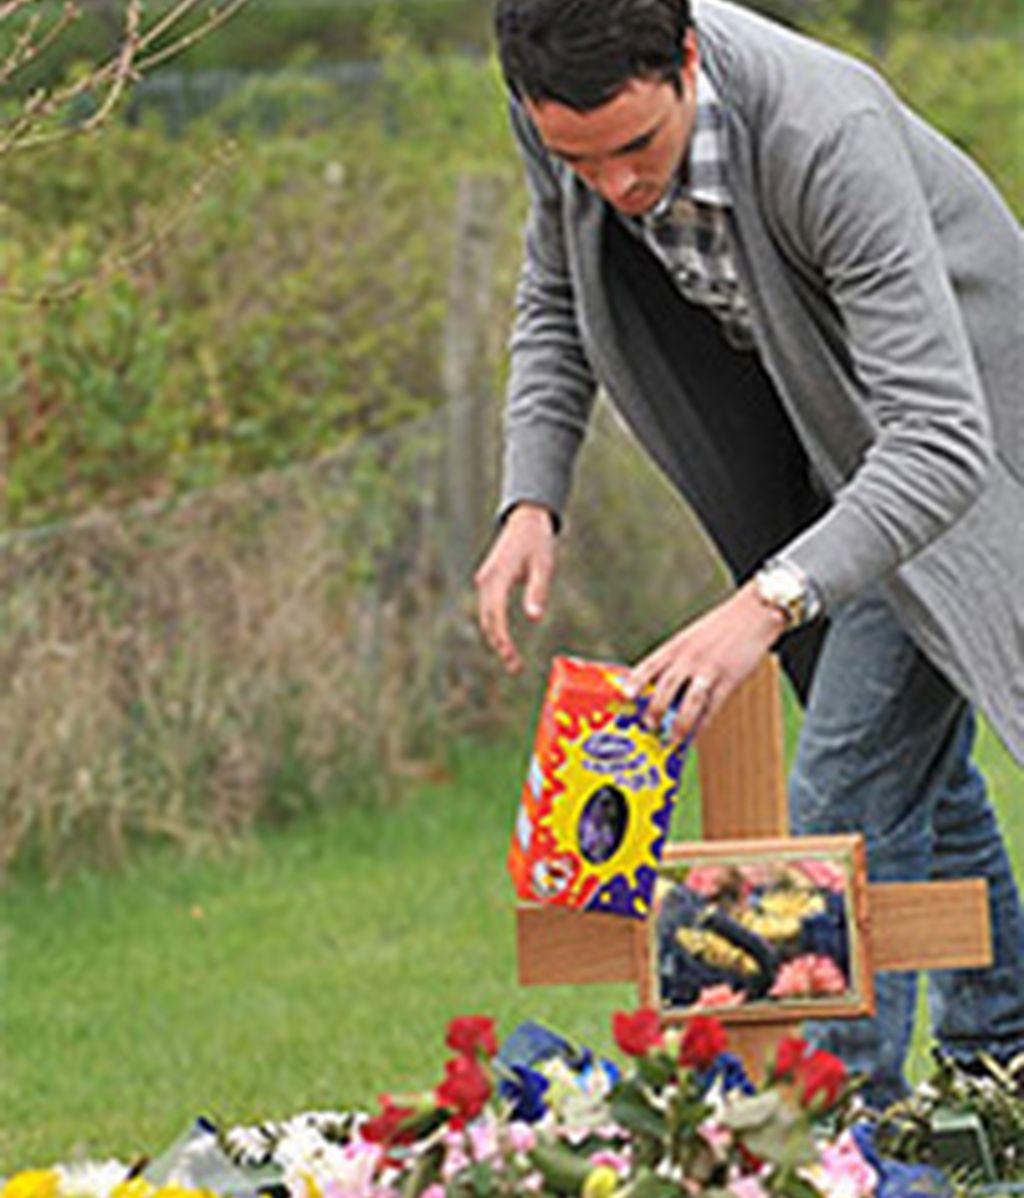 Jack en el momento de hacerle un presente a su difunta esposa. Foto: The Sun.